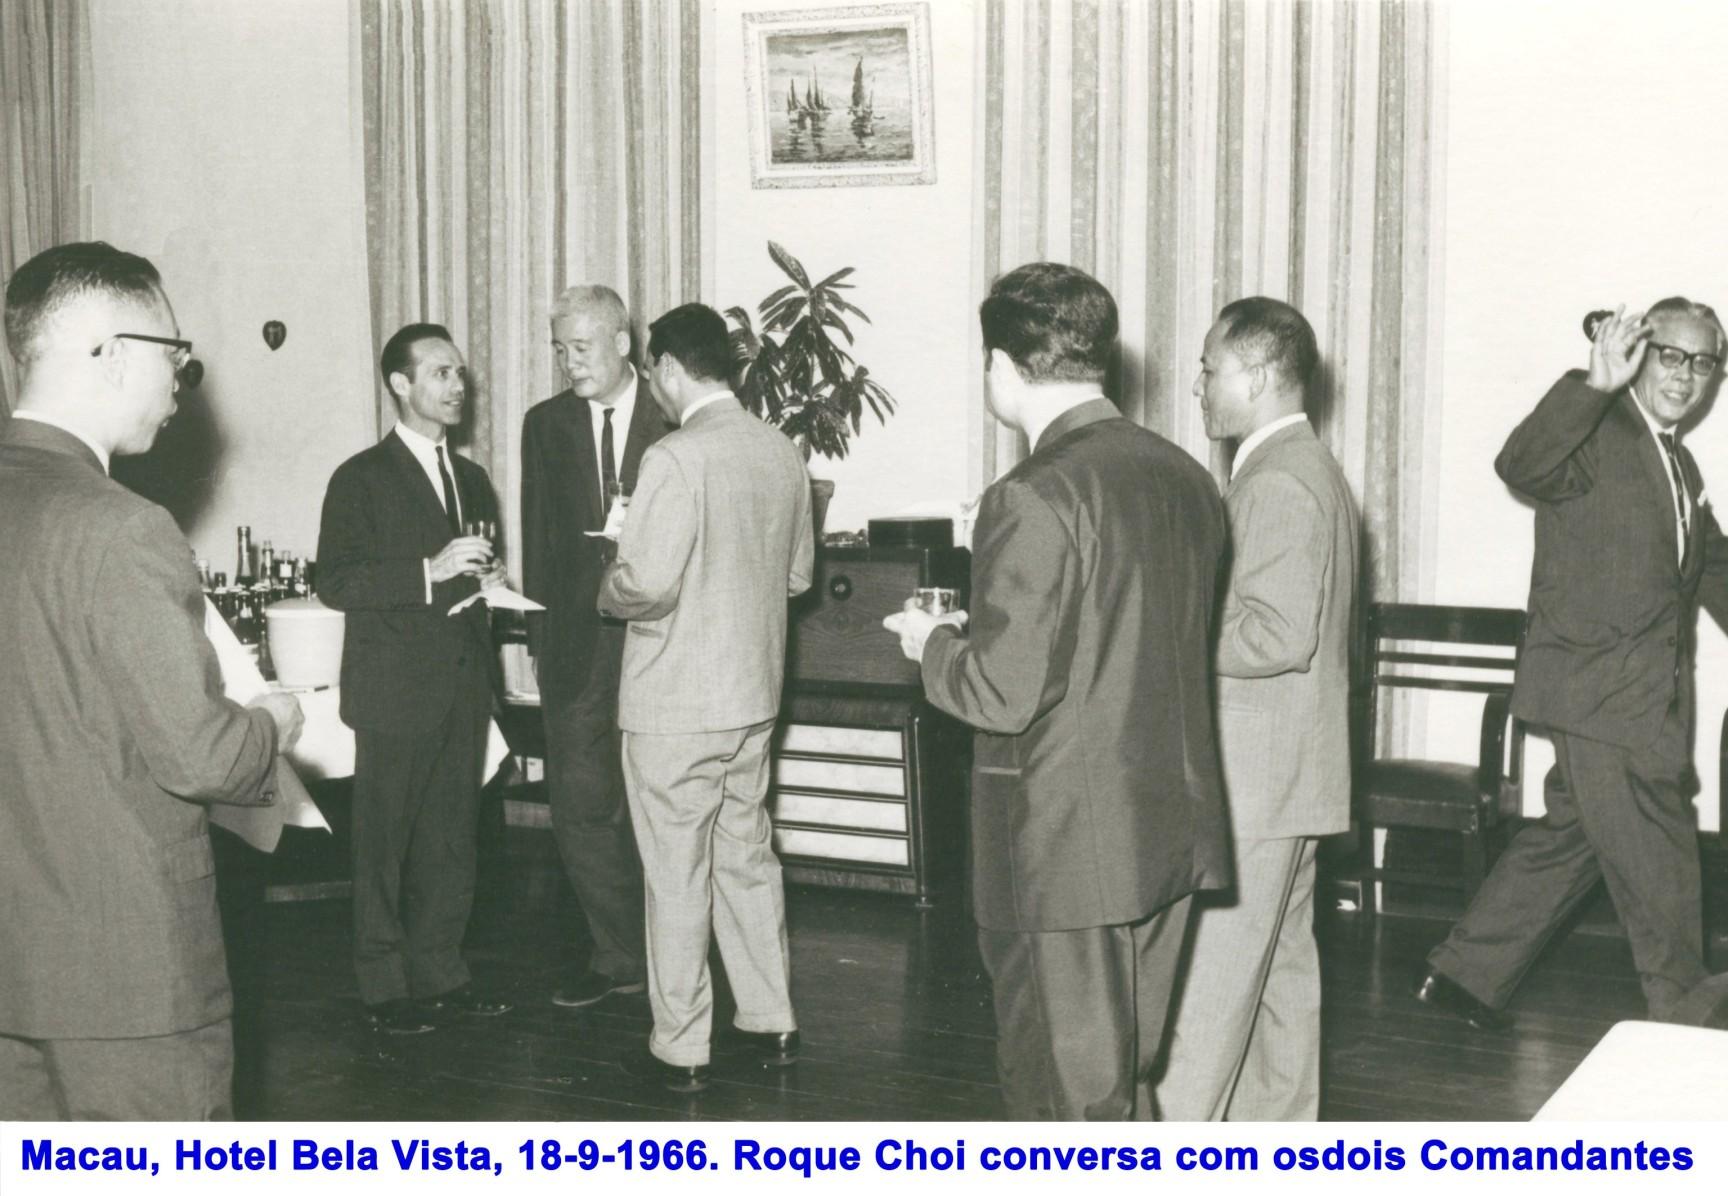 004 66-09-18 Recepção no Hotel Bela Vista-Roque Choi conversa com os dois Comandantes